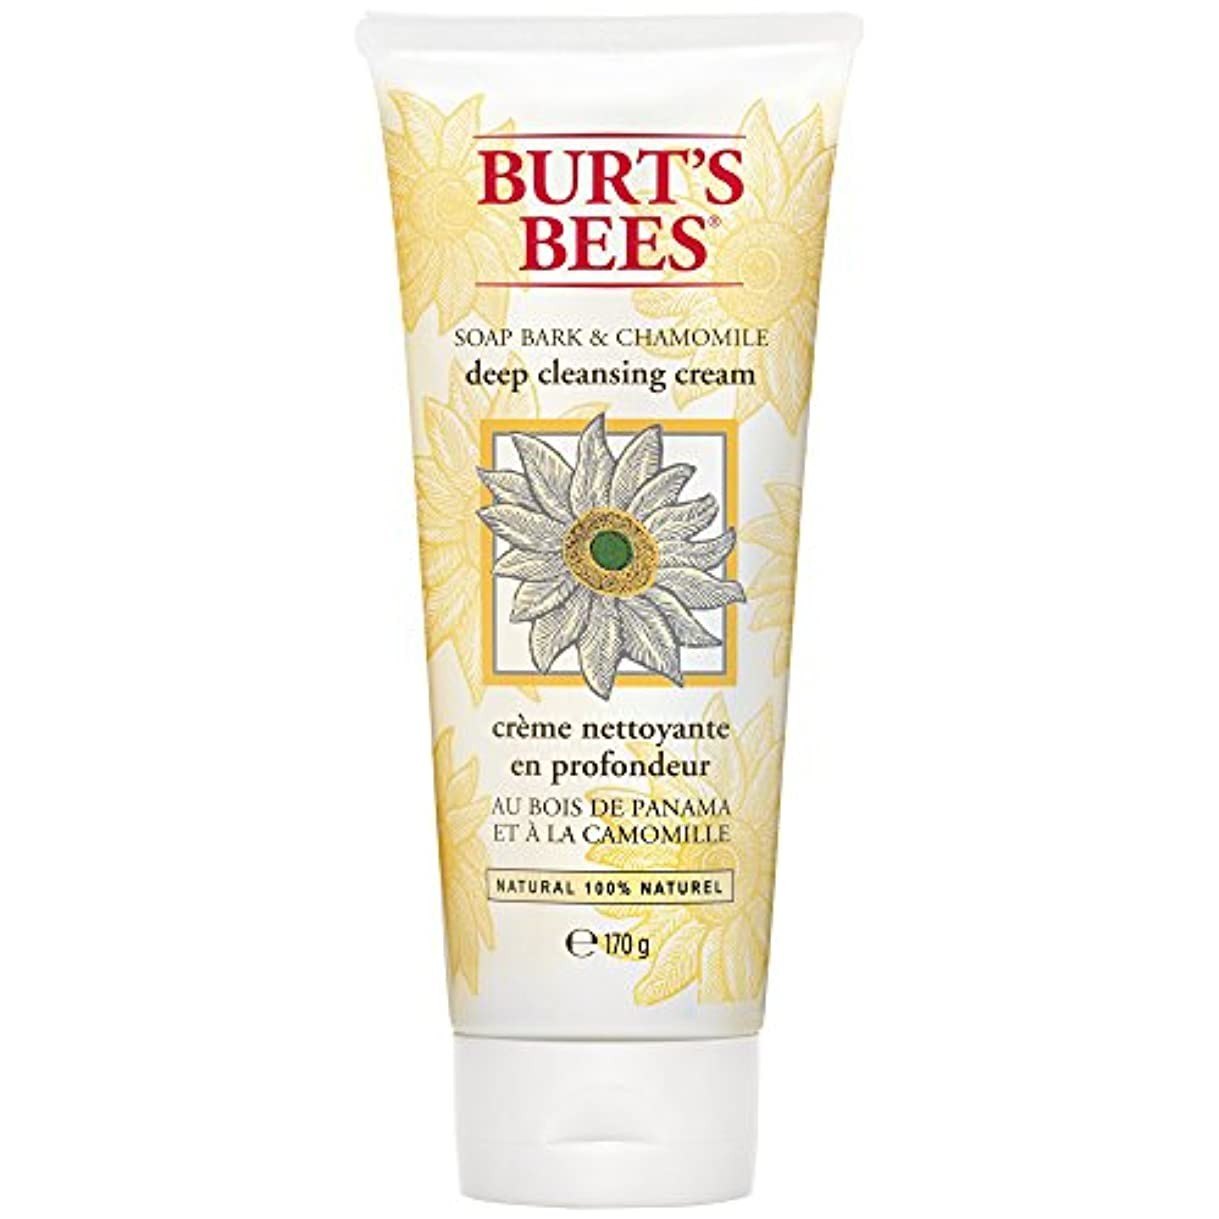 所有者苦難ひどくバートのBees?ソープバーク??&カモミールディープクレンジングクリーム170グラム (Burt's Bees) - Burt's Bees? Soap Bark & Chamomile Deep Cleansing...